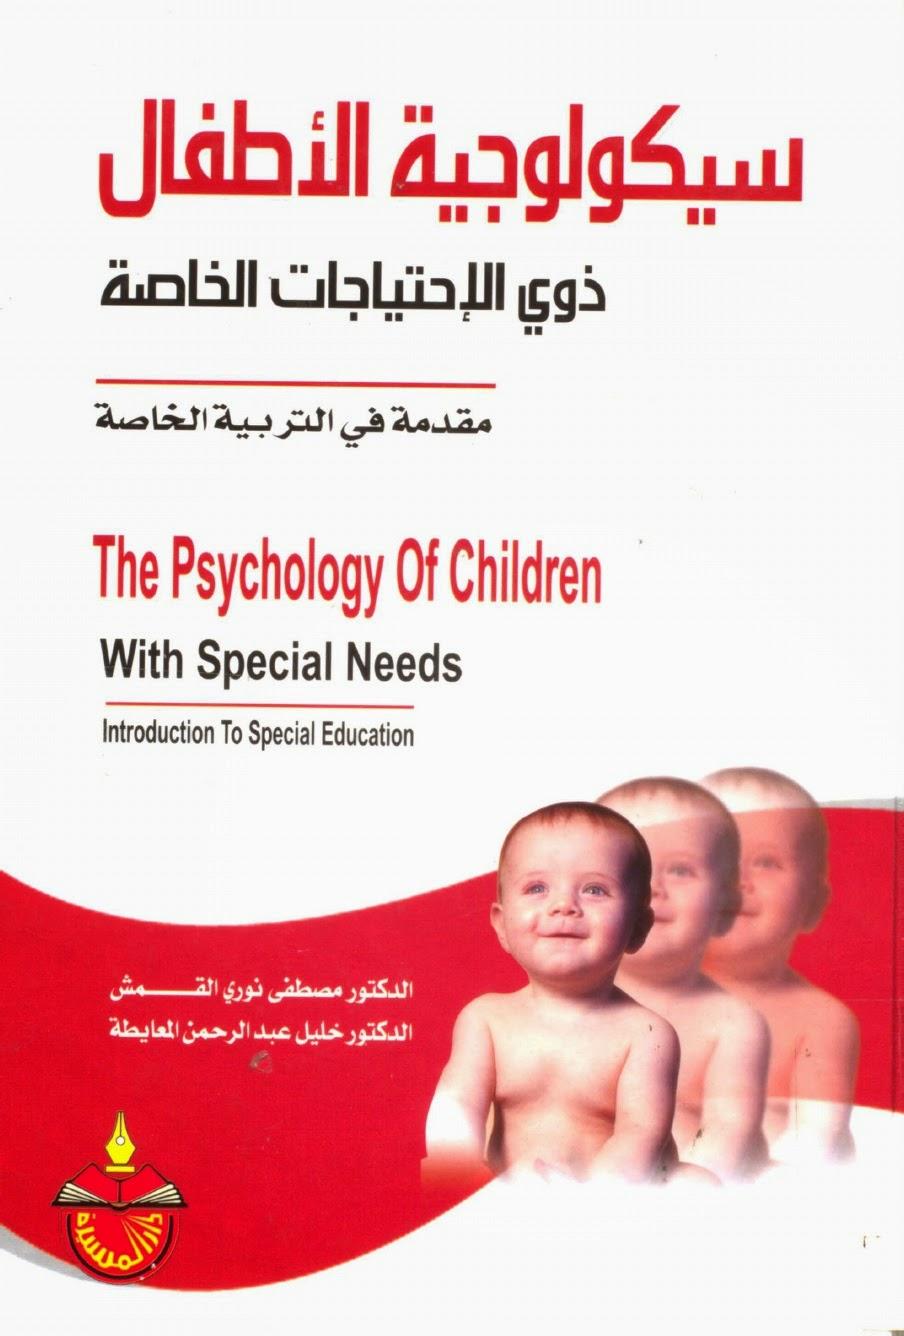 تحميل كتاب مدخل الى التربية الخاصة لجمال الخطيب pdf